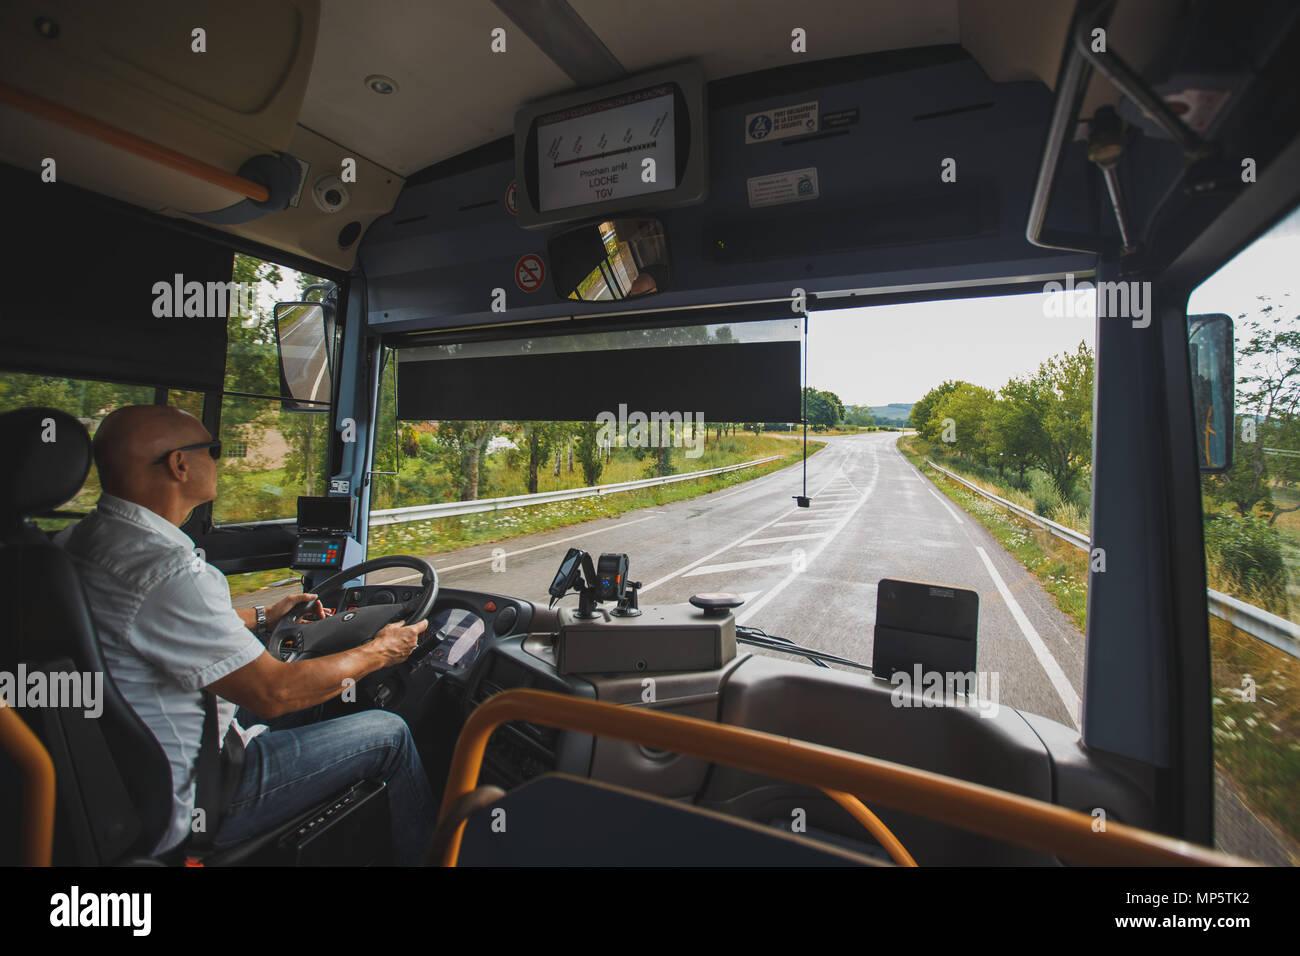 Thème est la profession du conducteur et des transports de voyageurs. Un homme à lunettes un chauffeur conduit un bus régional de tourisme dans la région de france Photo Stock